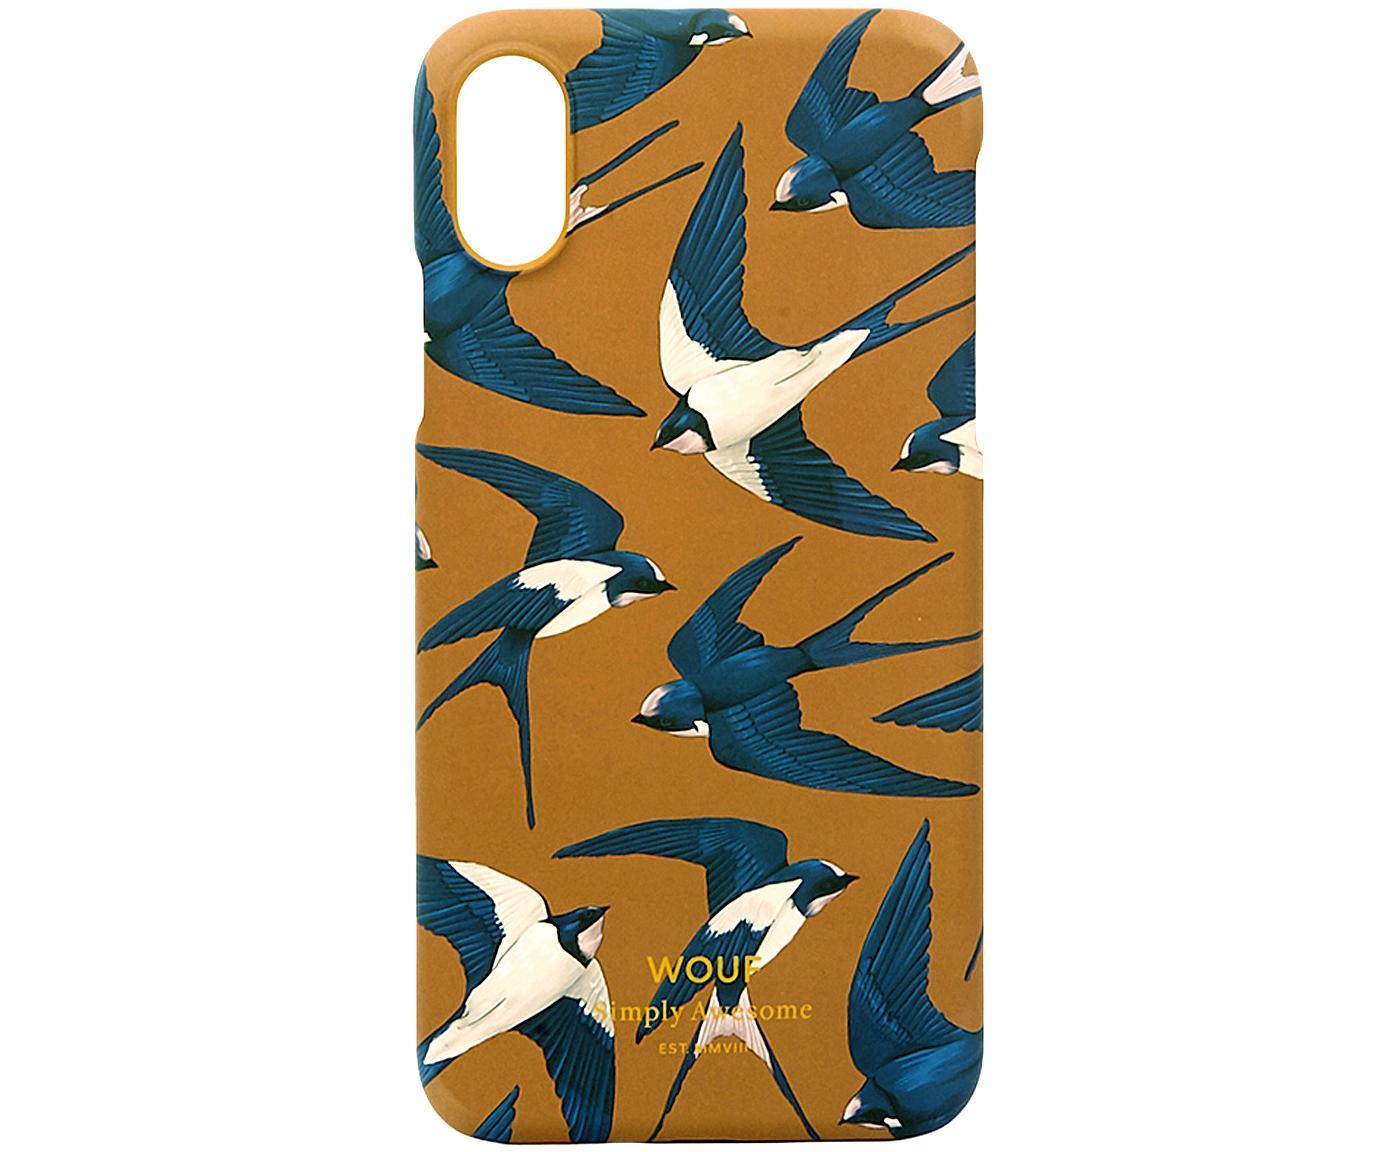 Funda para iPhoneX Swallow, Silicona, Naranja, azul, beige, An 7 x Al 15 cm